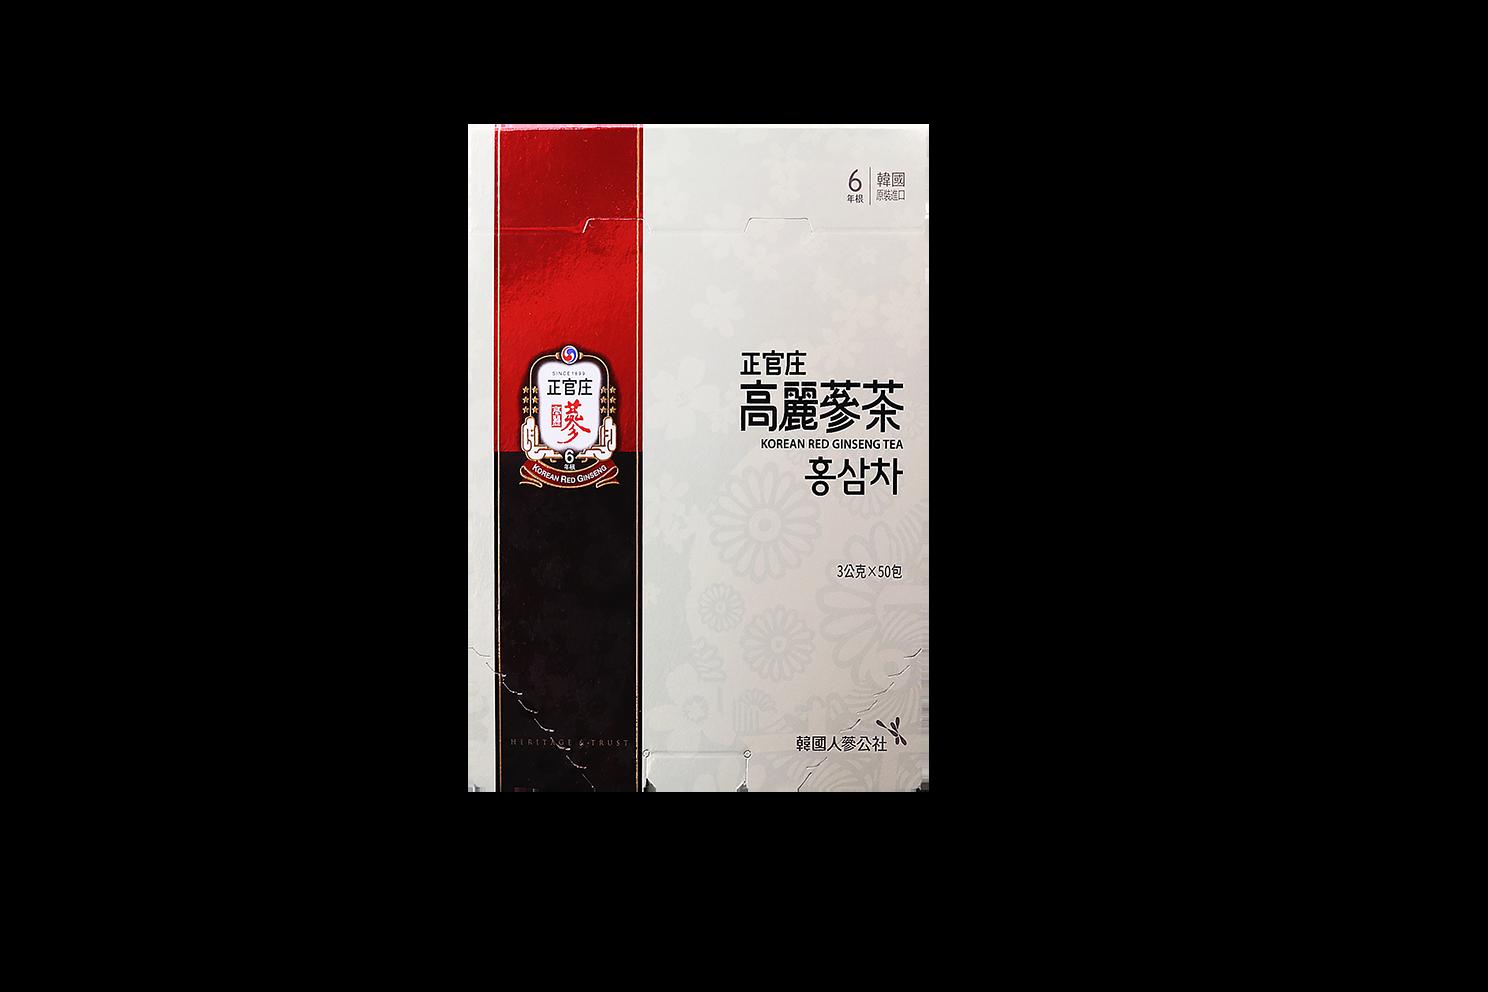 正官庄高麗蔘茶 | 惟元蔘藥 |  50入/盒 公司貨 現貨在店 下單立即出貨 (附禮袋)